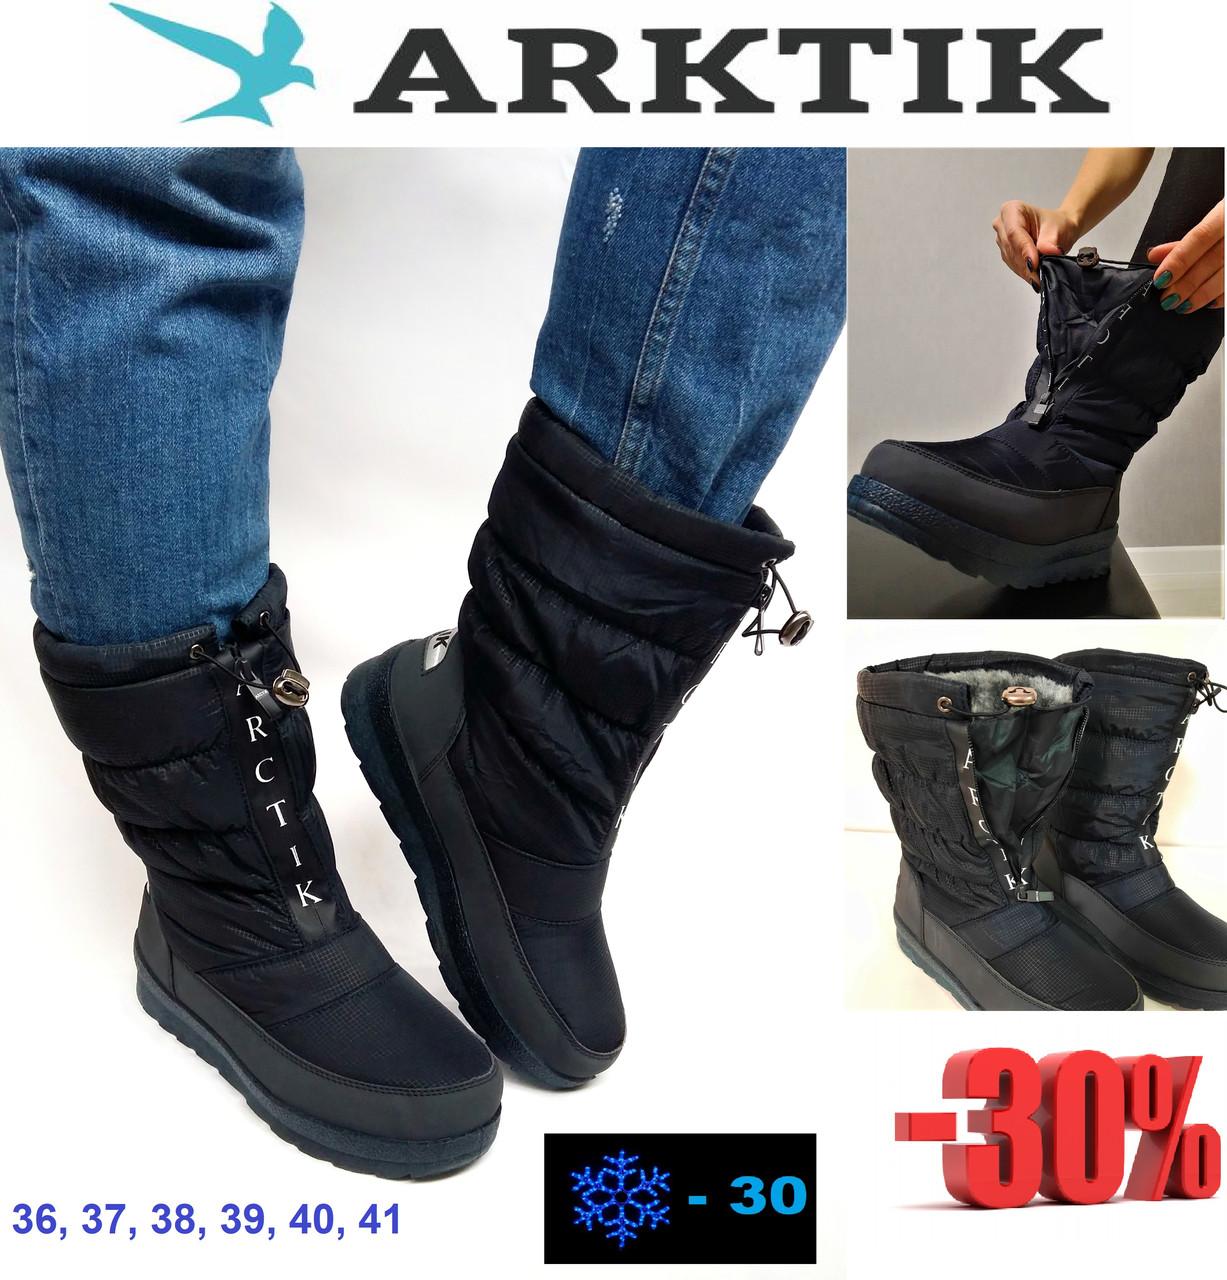 Krok / Зимние женские дутики Arctik. Сноубутсы спортивные молодежные сапожки.